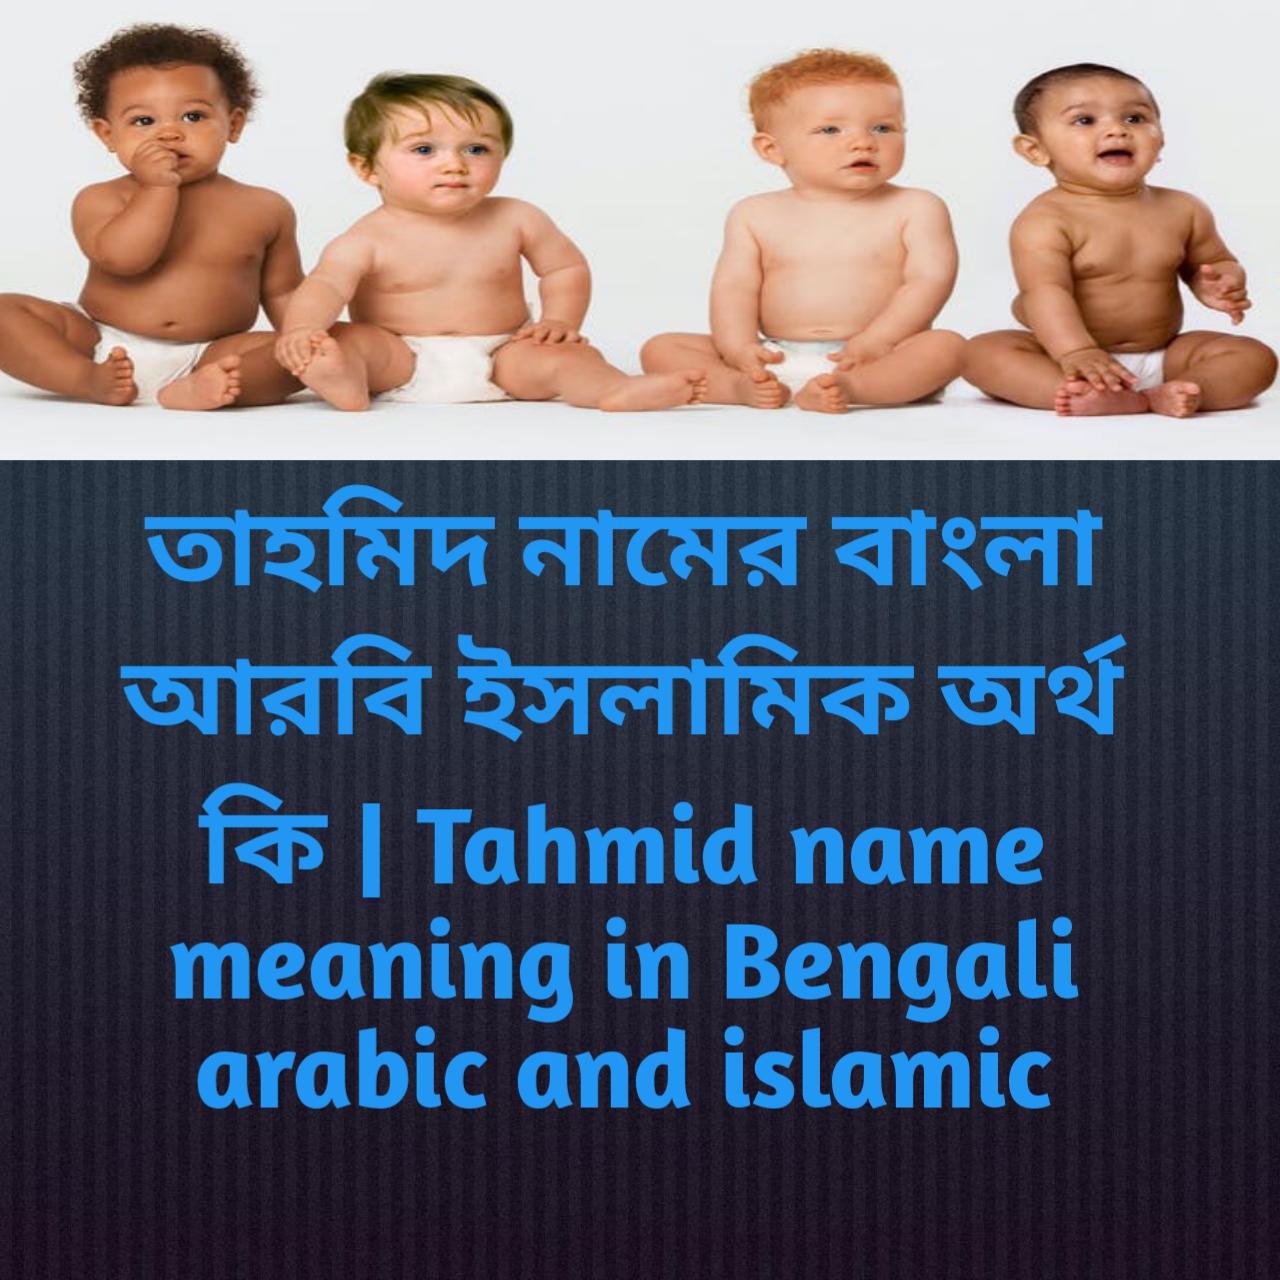 তাহমিদ নামের অর্থ কি, তাহমিদ নামের বাংলা অর্থ কি, তাহমিদ নামের ইসলামিক অর্থ কি, Tahmid name meaning in Bengali, তাহমিদ কি ইসলামিক নাম,